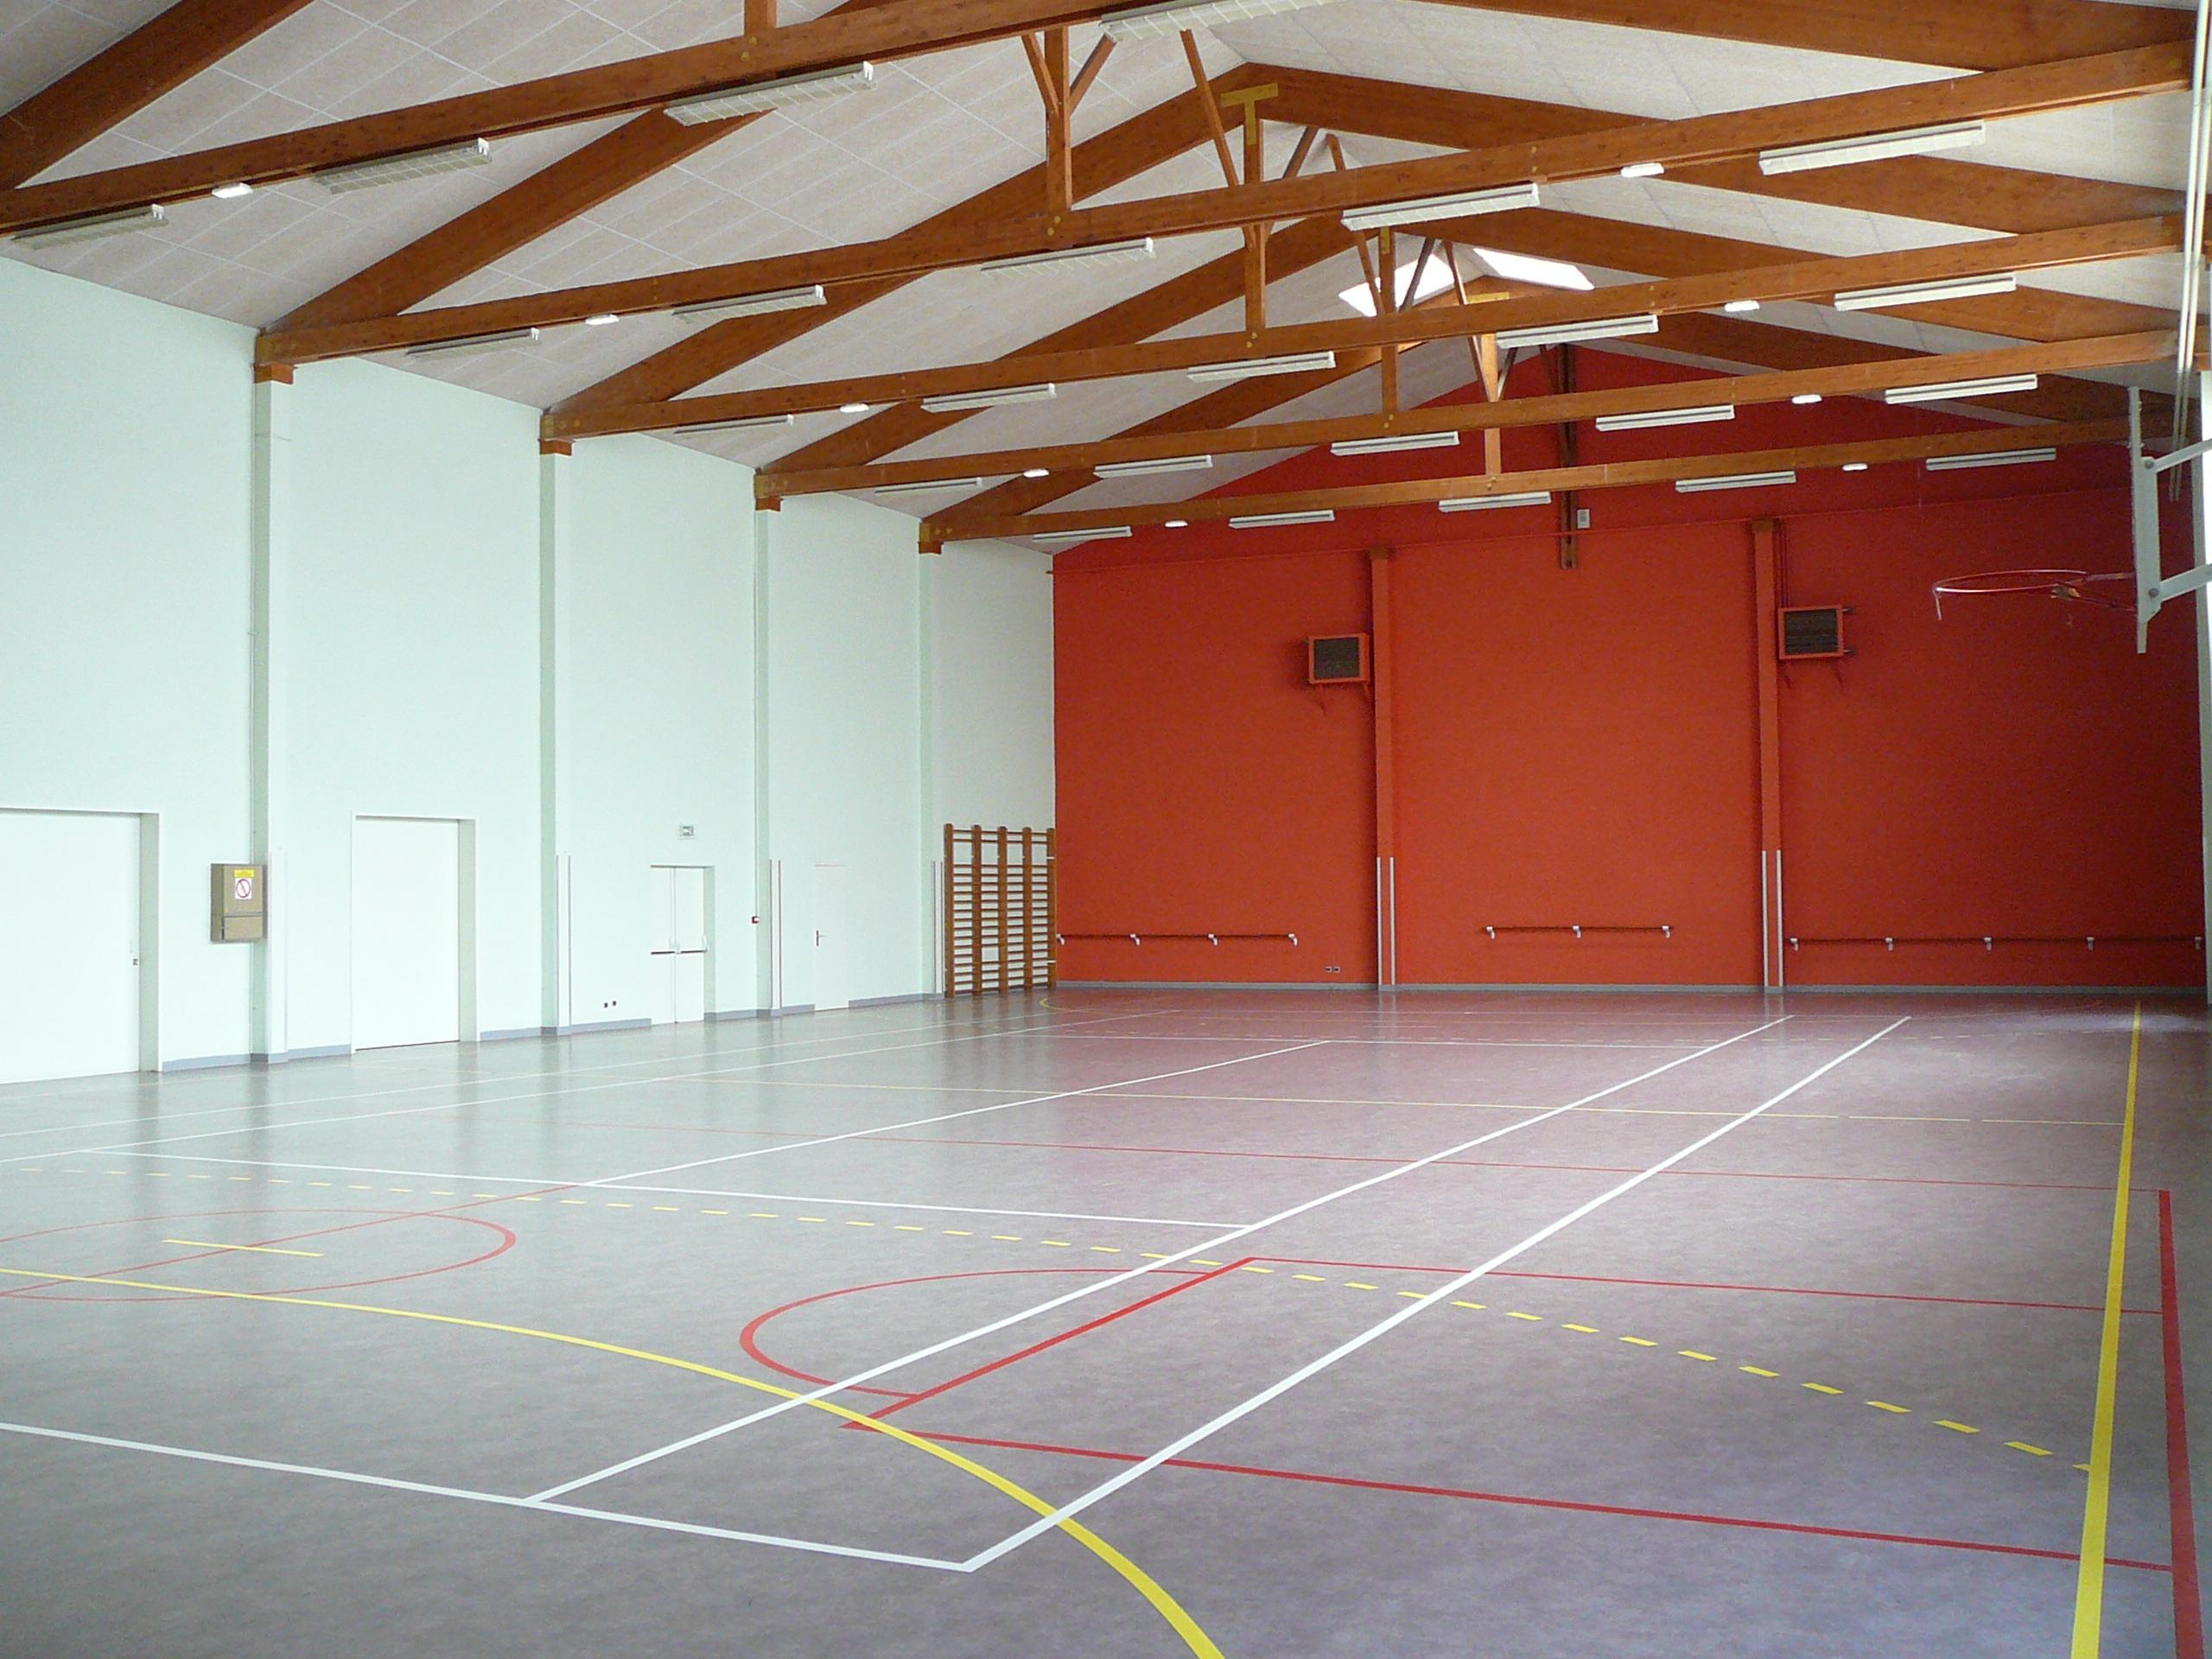 Salle polyvalente Ausone (Intérieur)